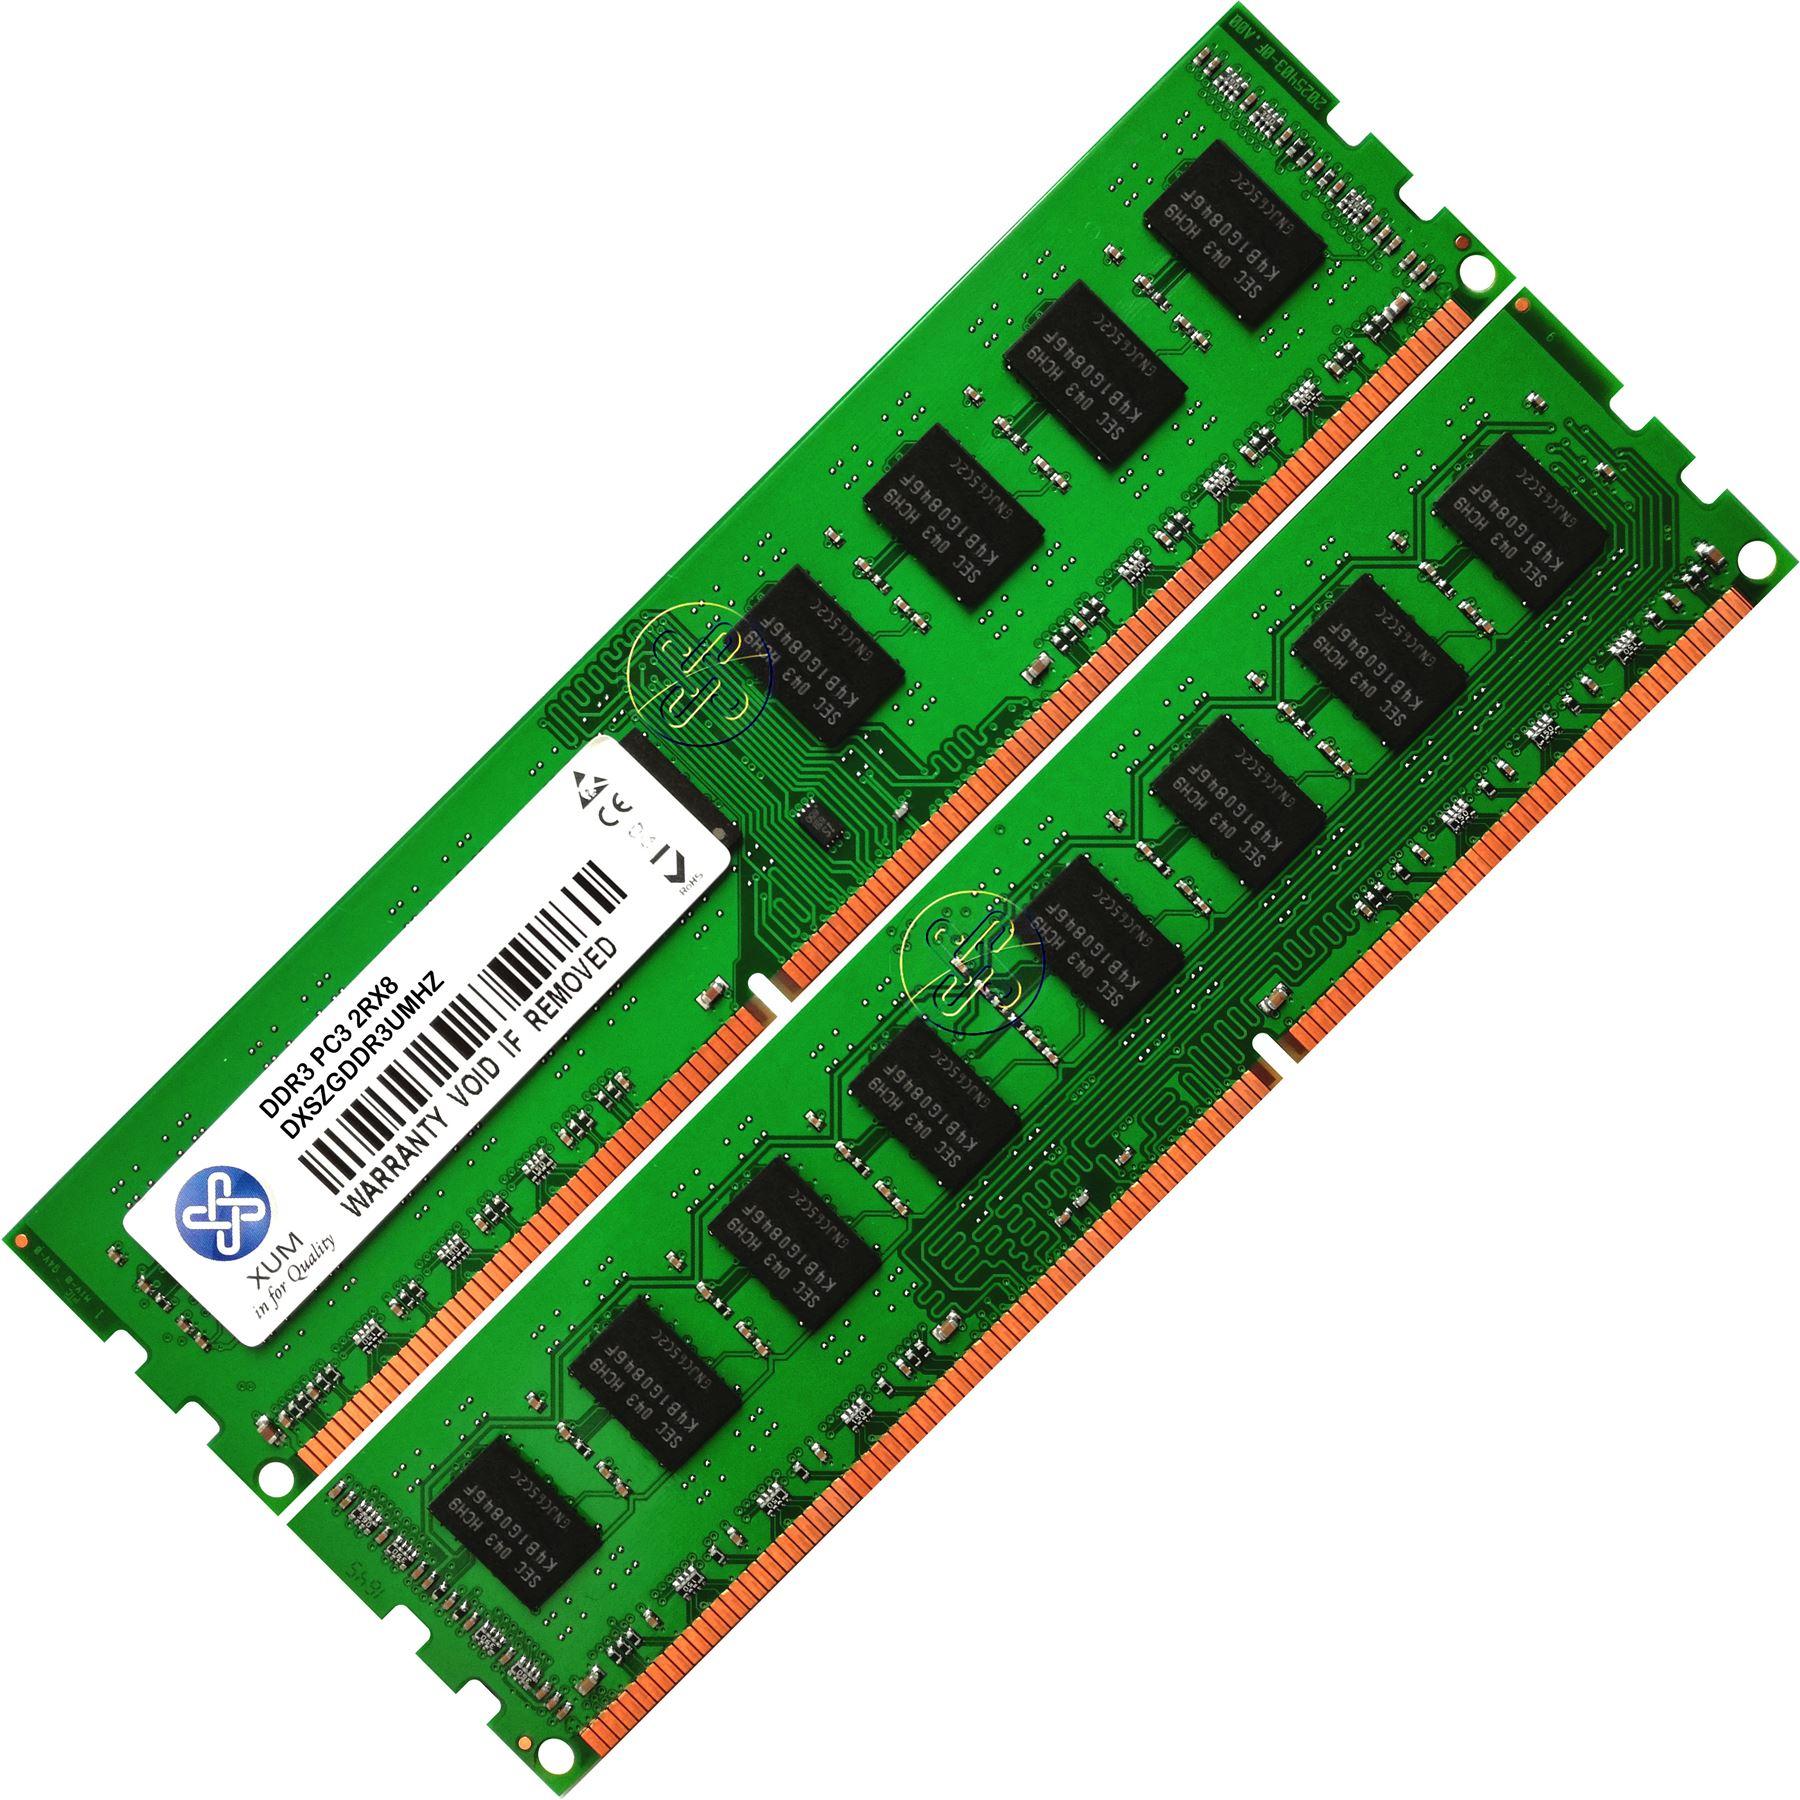 Memoria-Ram-4-Hp-Envy-Desktop-h8-1350ef-h8-1400ef-h8-1400el-Nuevo-2x-Lot